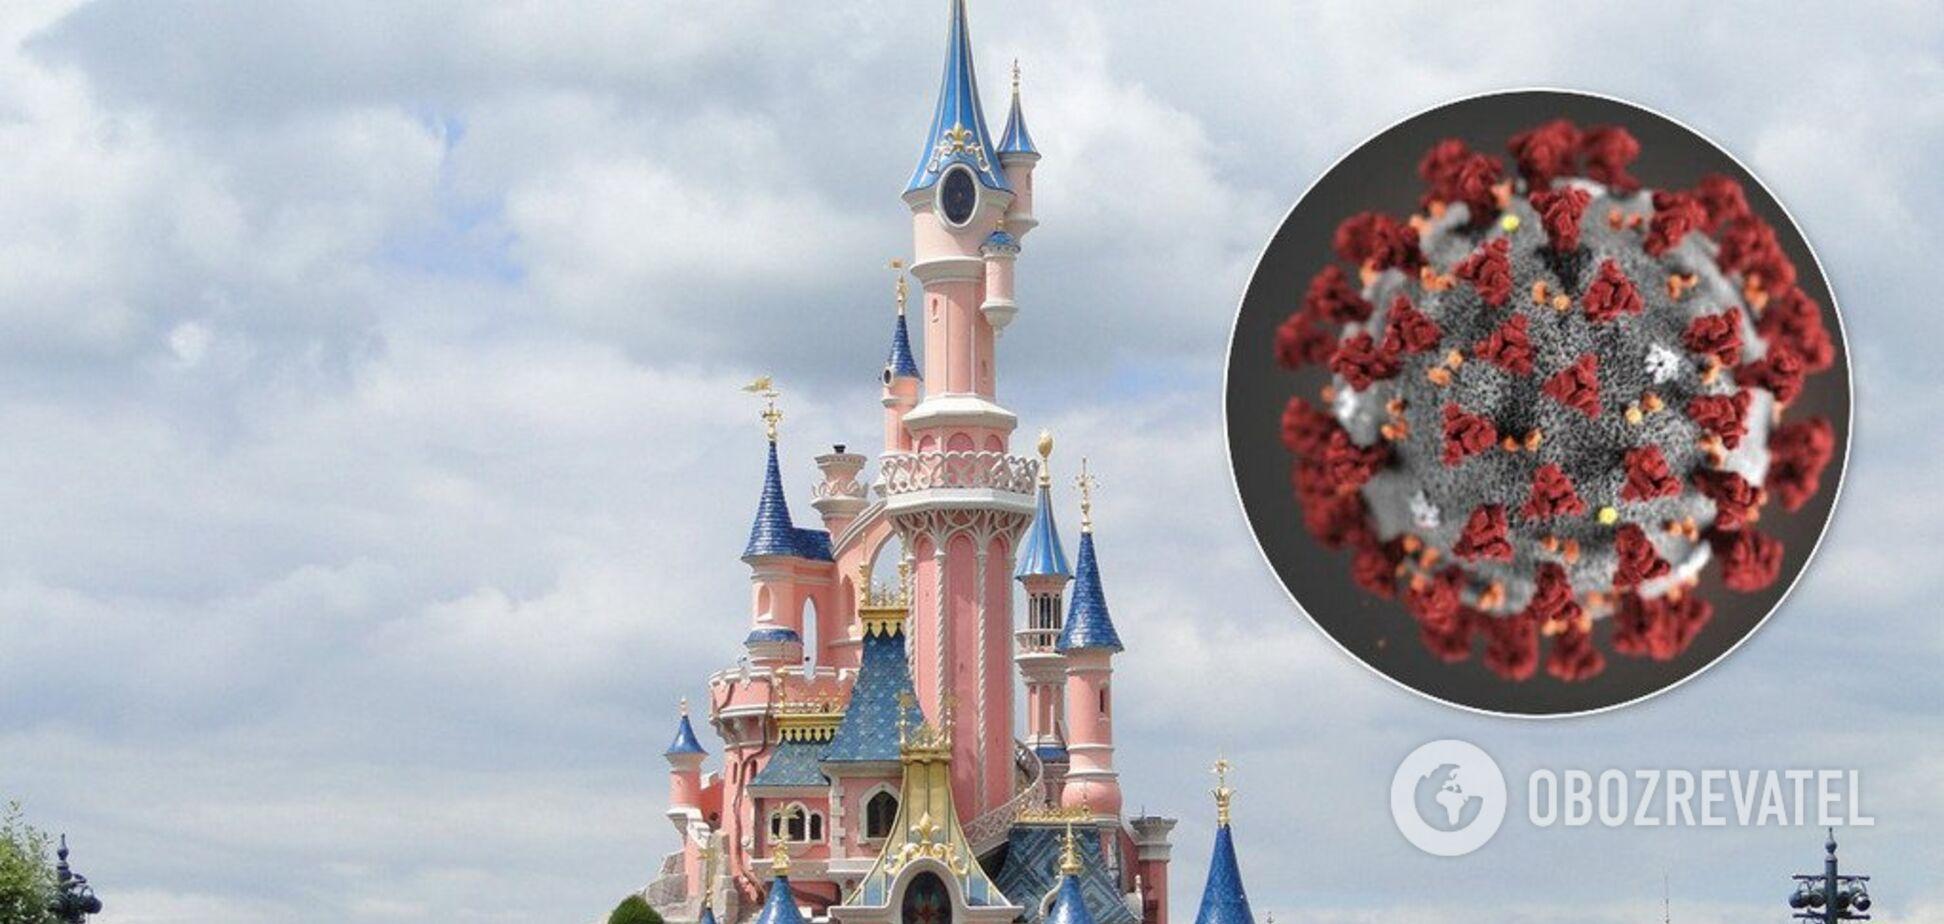 Эпидемия коронавируса ударила по Disney на сотни миллионов долларов